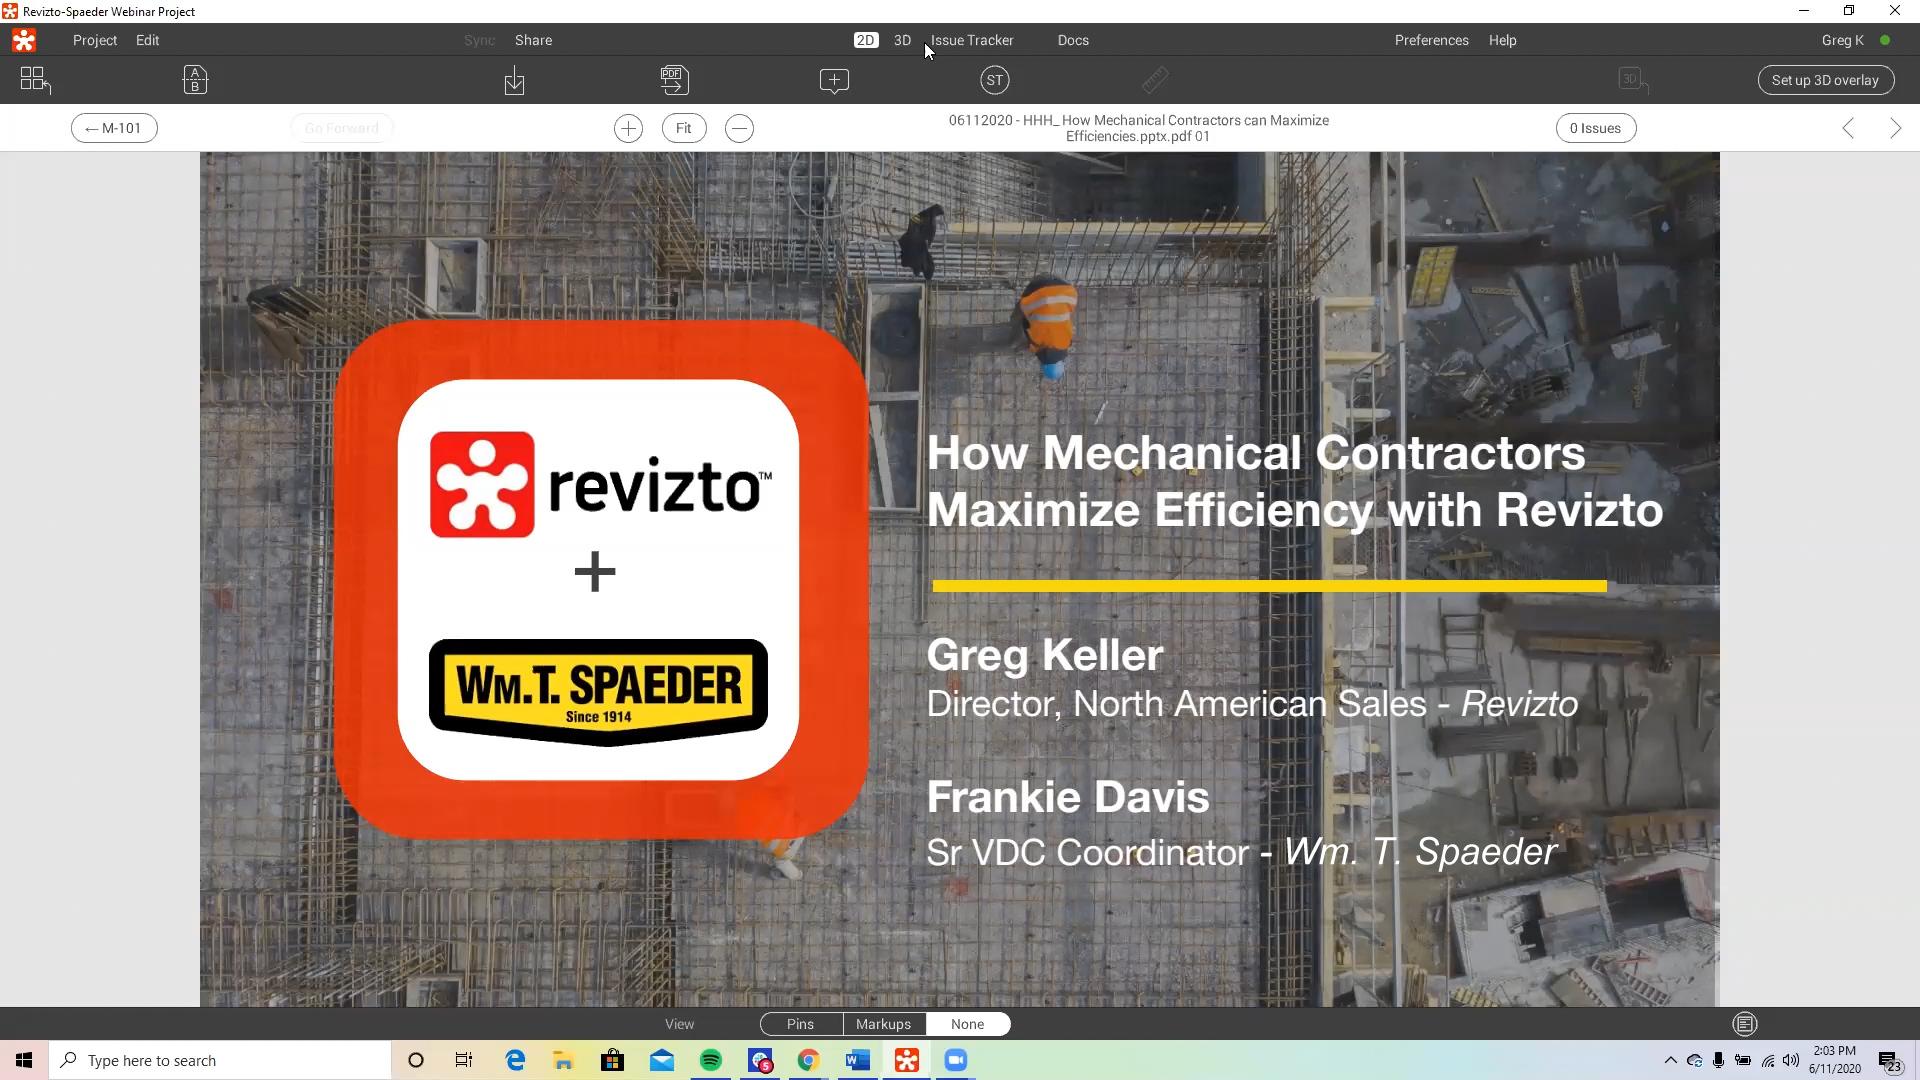 Webinar open frame. Revizto and Spaeder logos on construction backdrop.